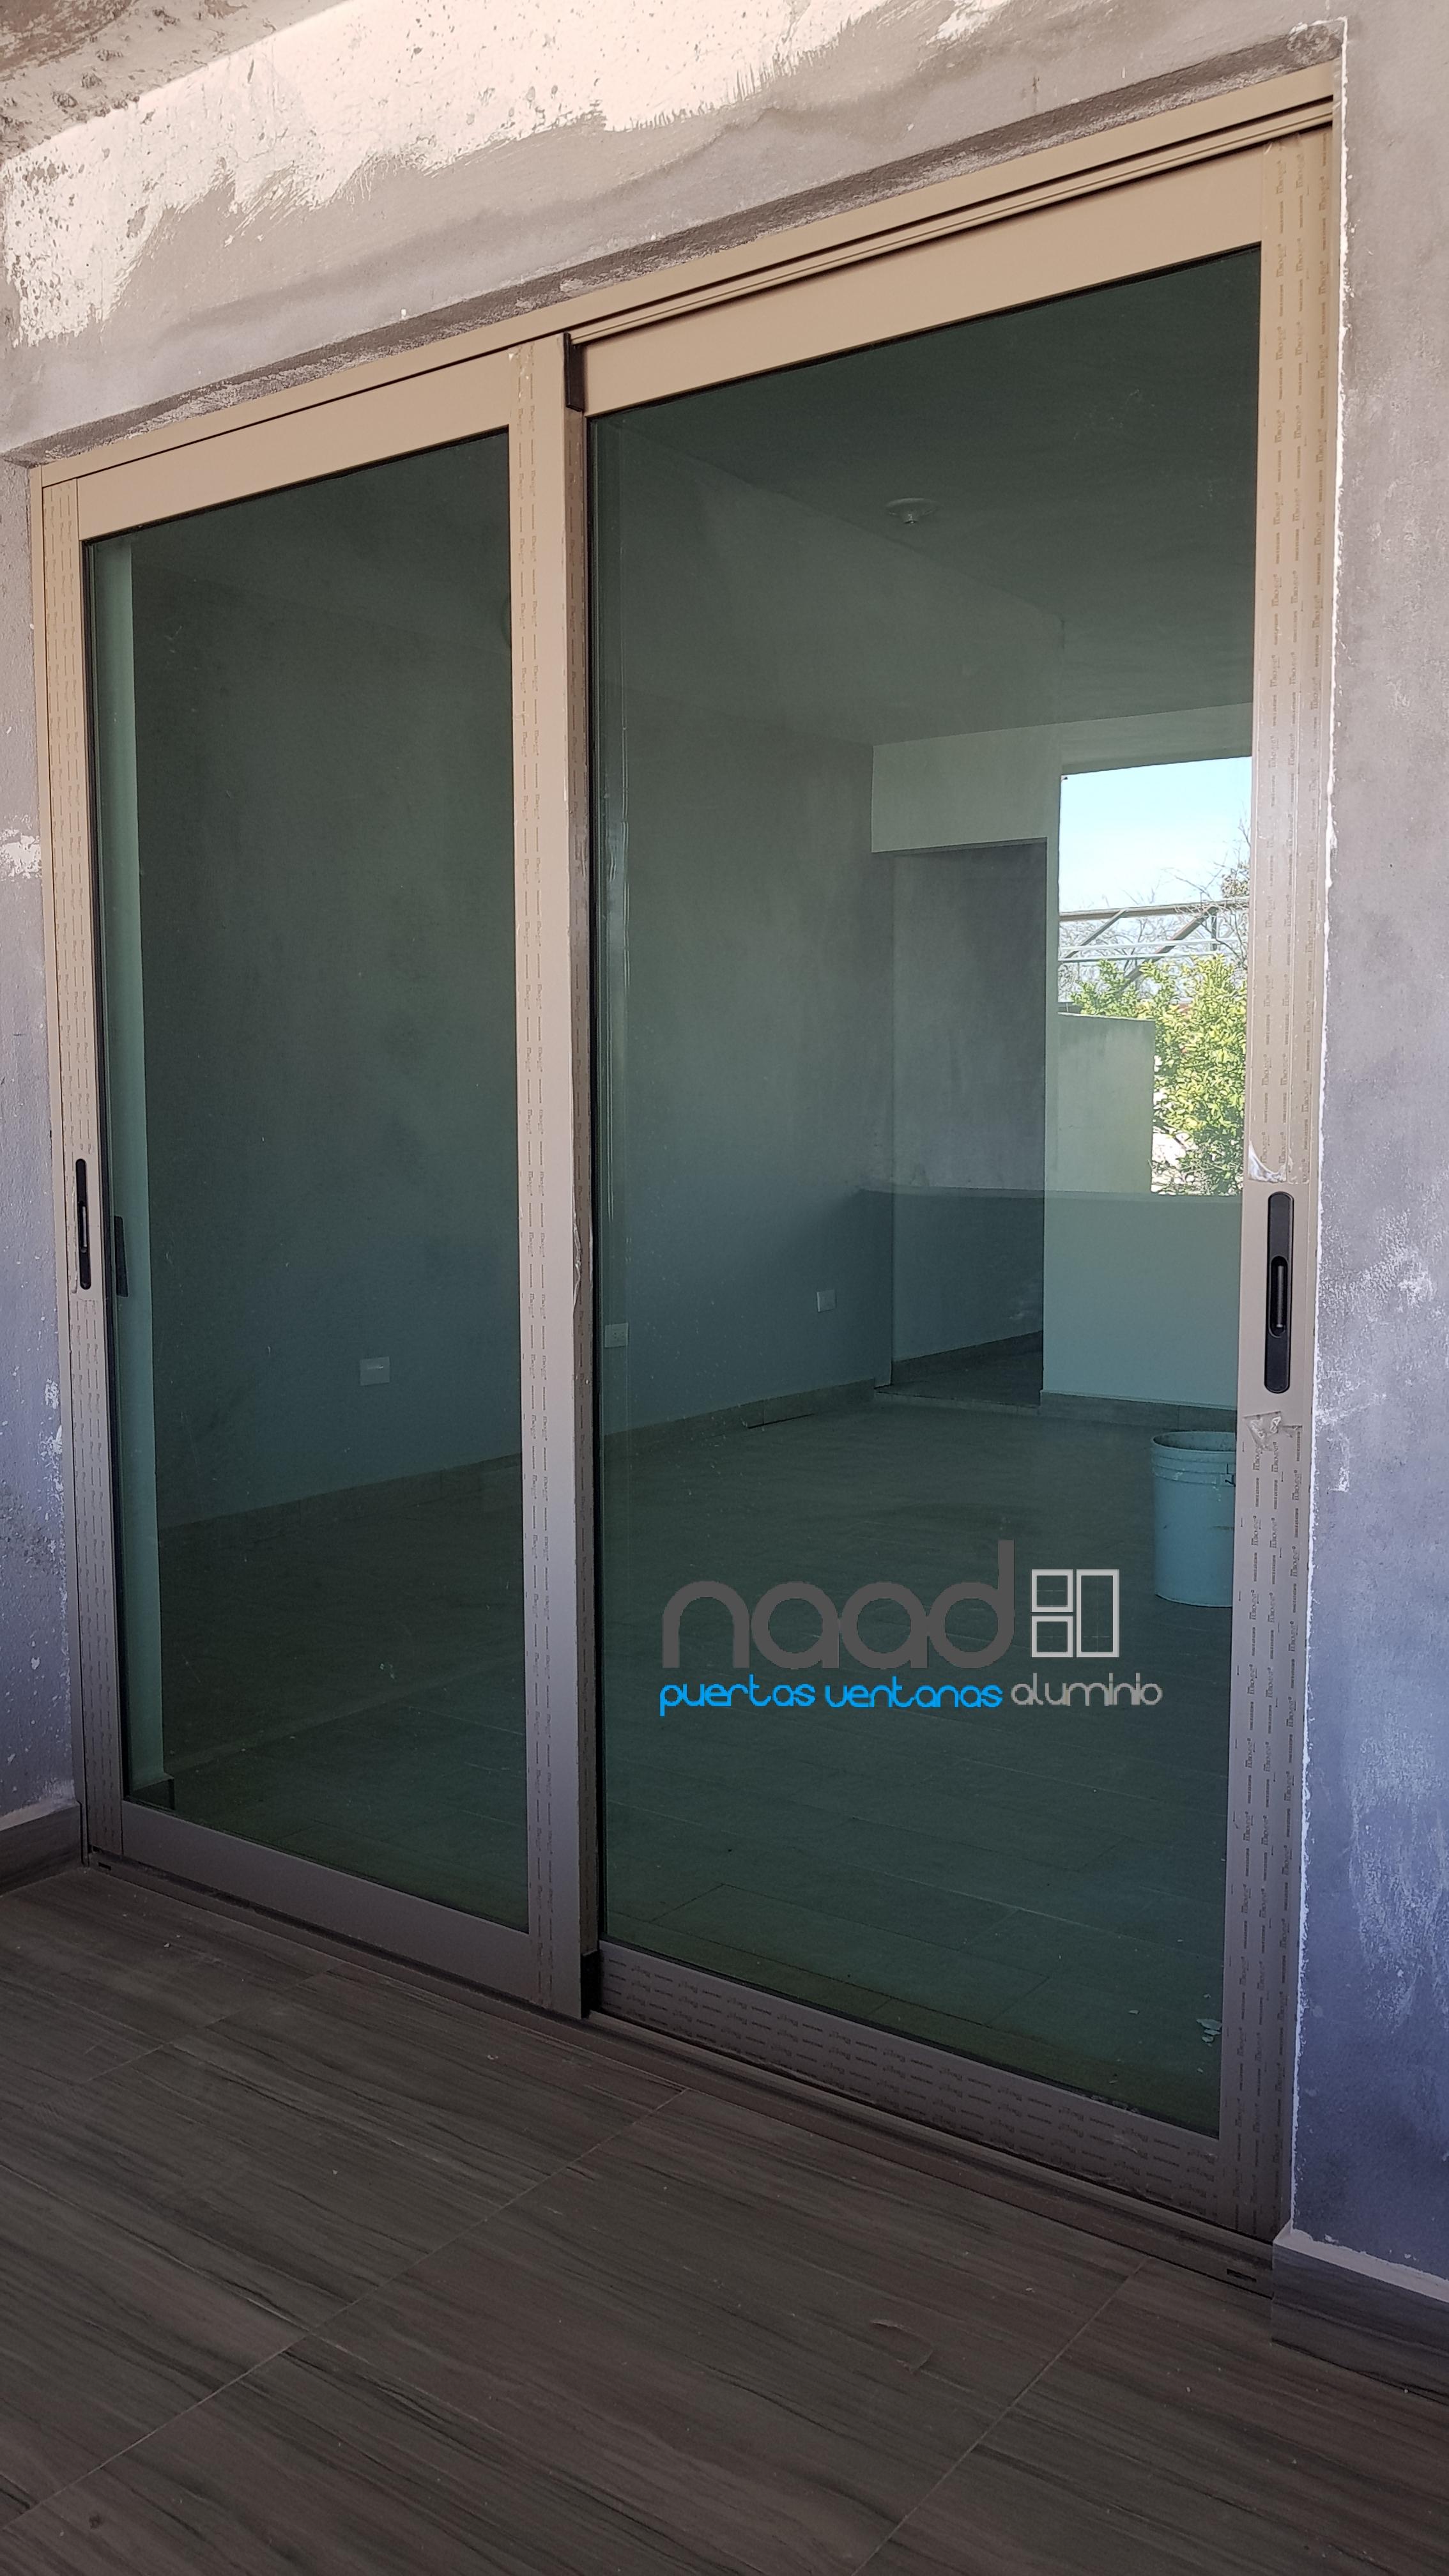 Naad puertas y ventanas de aluminio for Puertas corredizas de metal